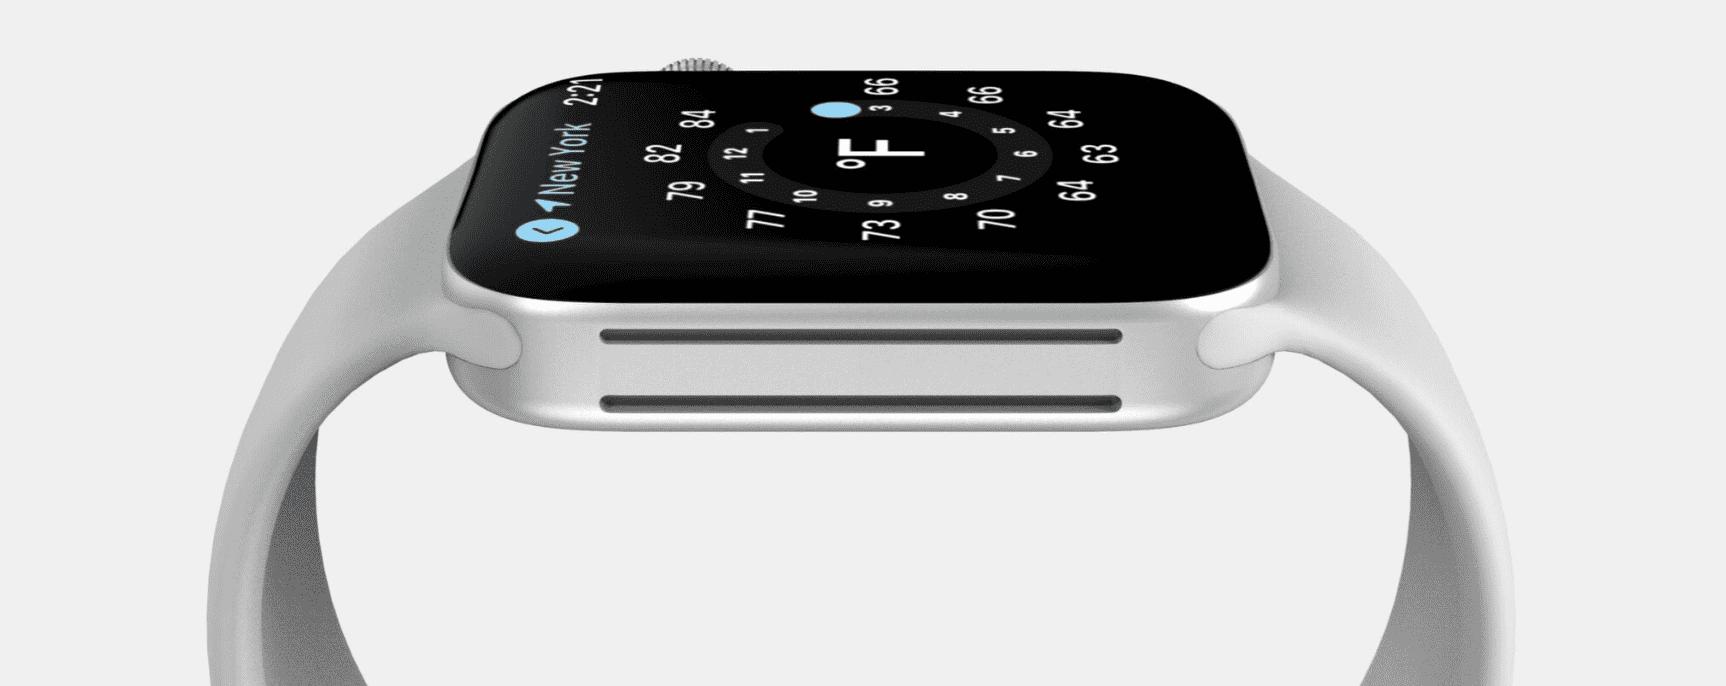 Nuevos y enormes detalles del rediseño de Apple Watch 7 acaban de surgir